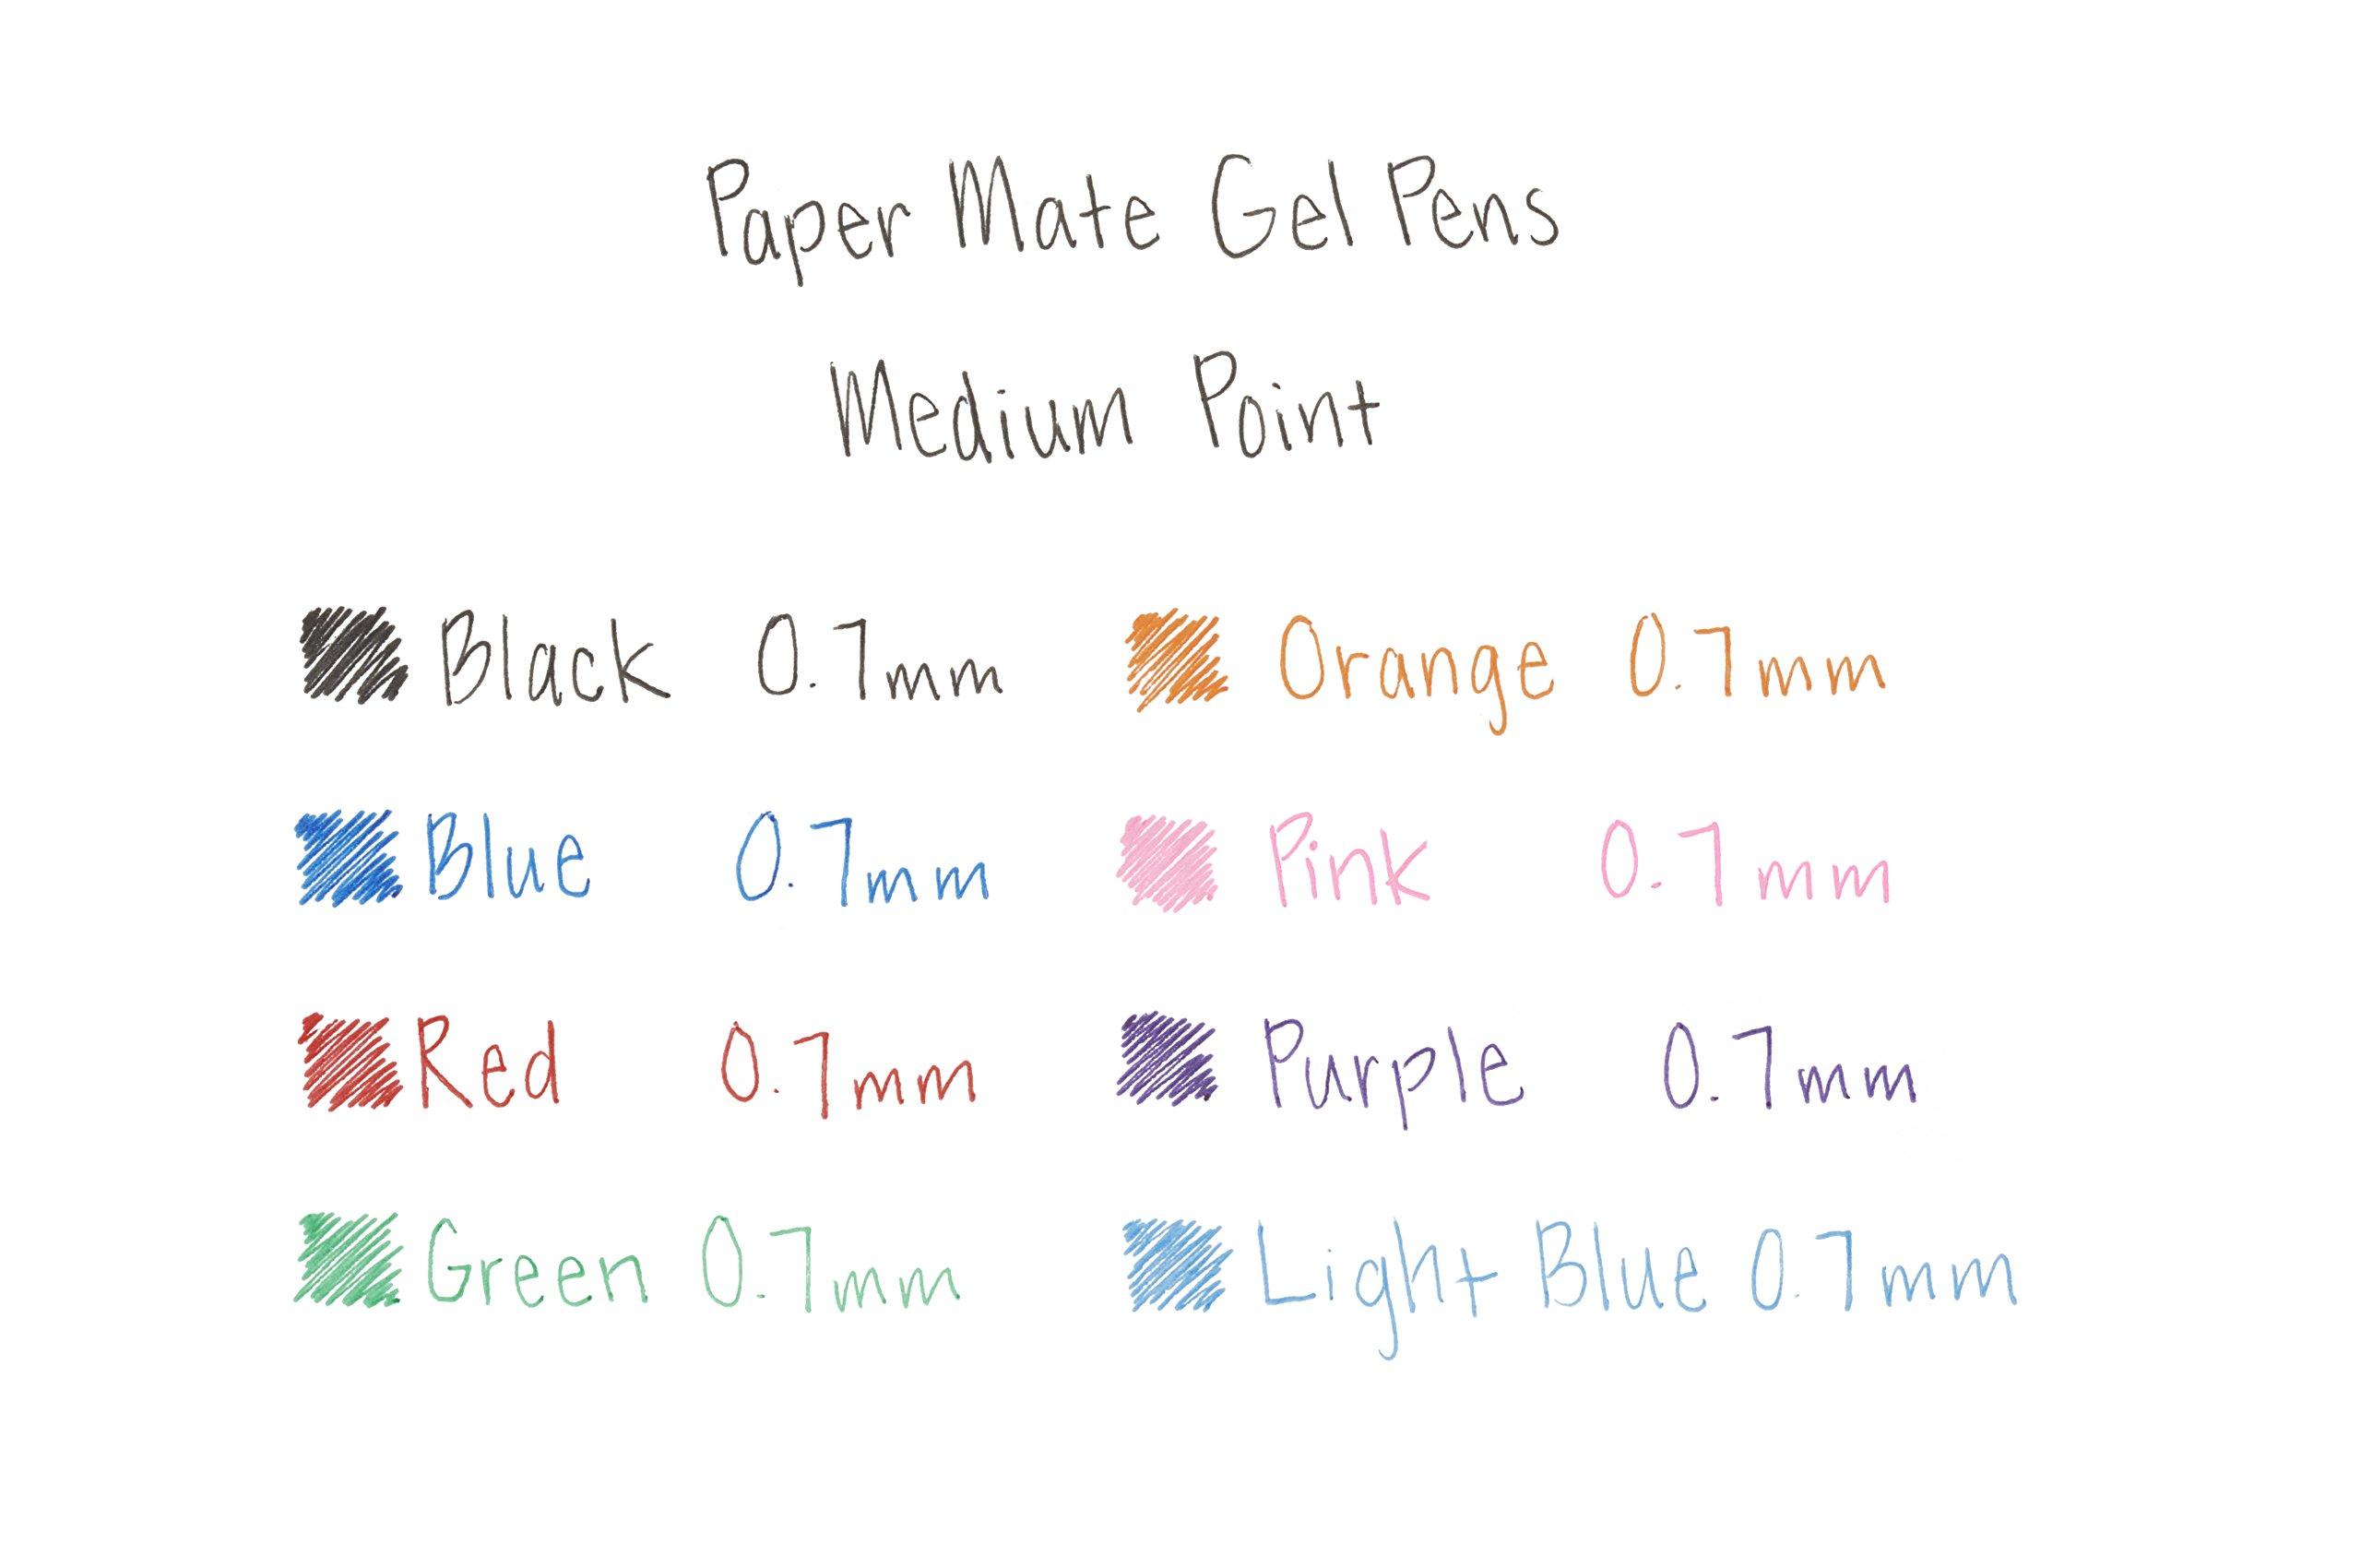 Paper Mate Gel Pens, Medium (0.7mm), Black, 4 Count by Paper Mate (Image #4)